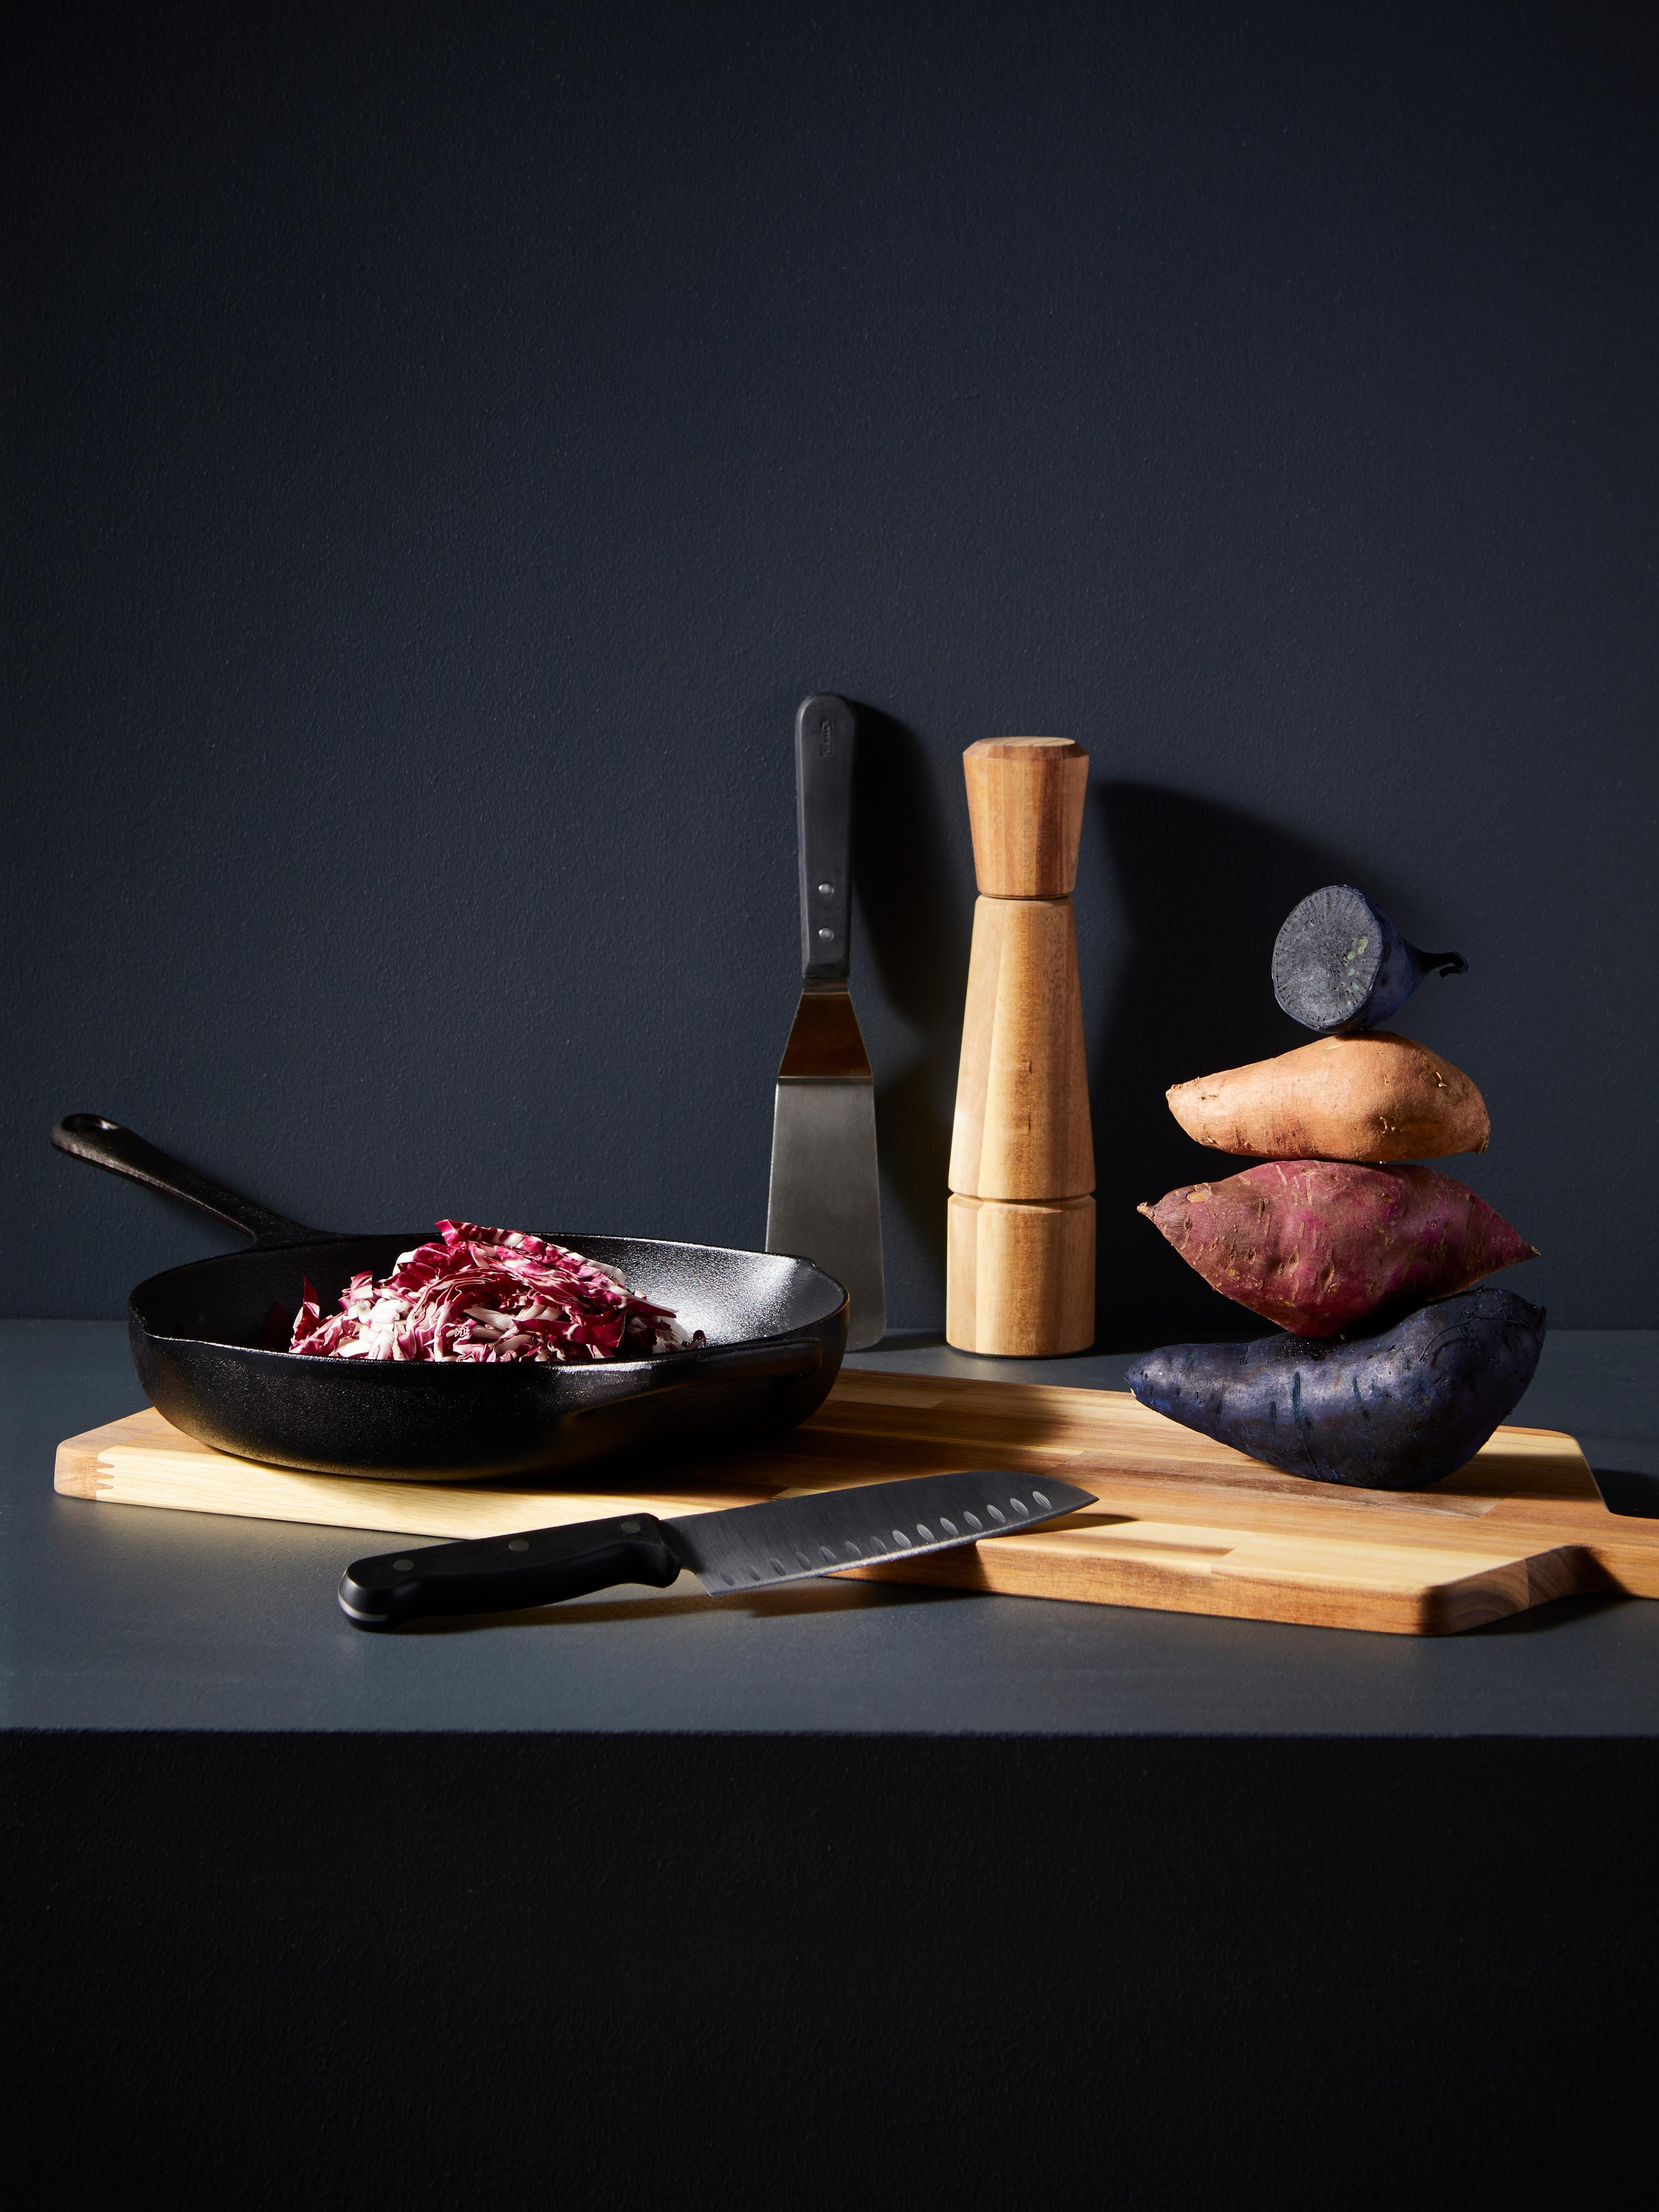 Una padella, un coltello e una spatola sono poggiati su un tagliere di legno vicino a una pila di patate e a un macinapepe.